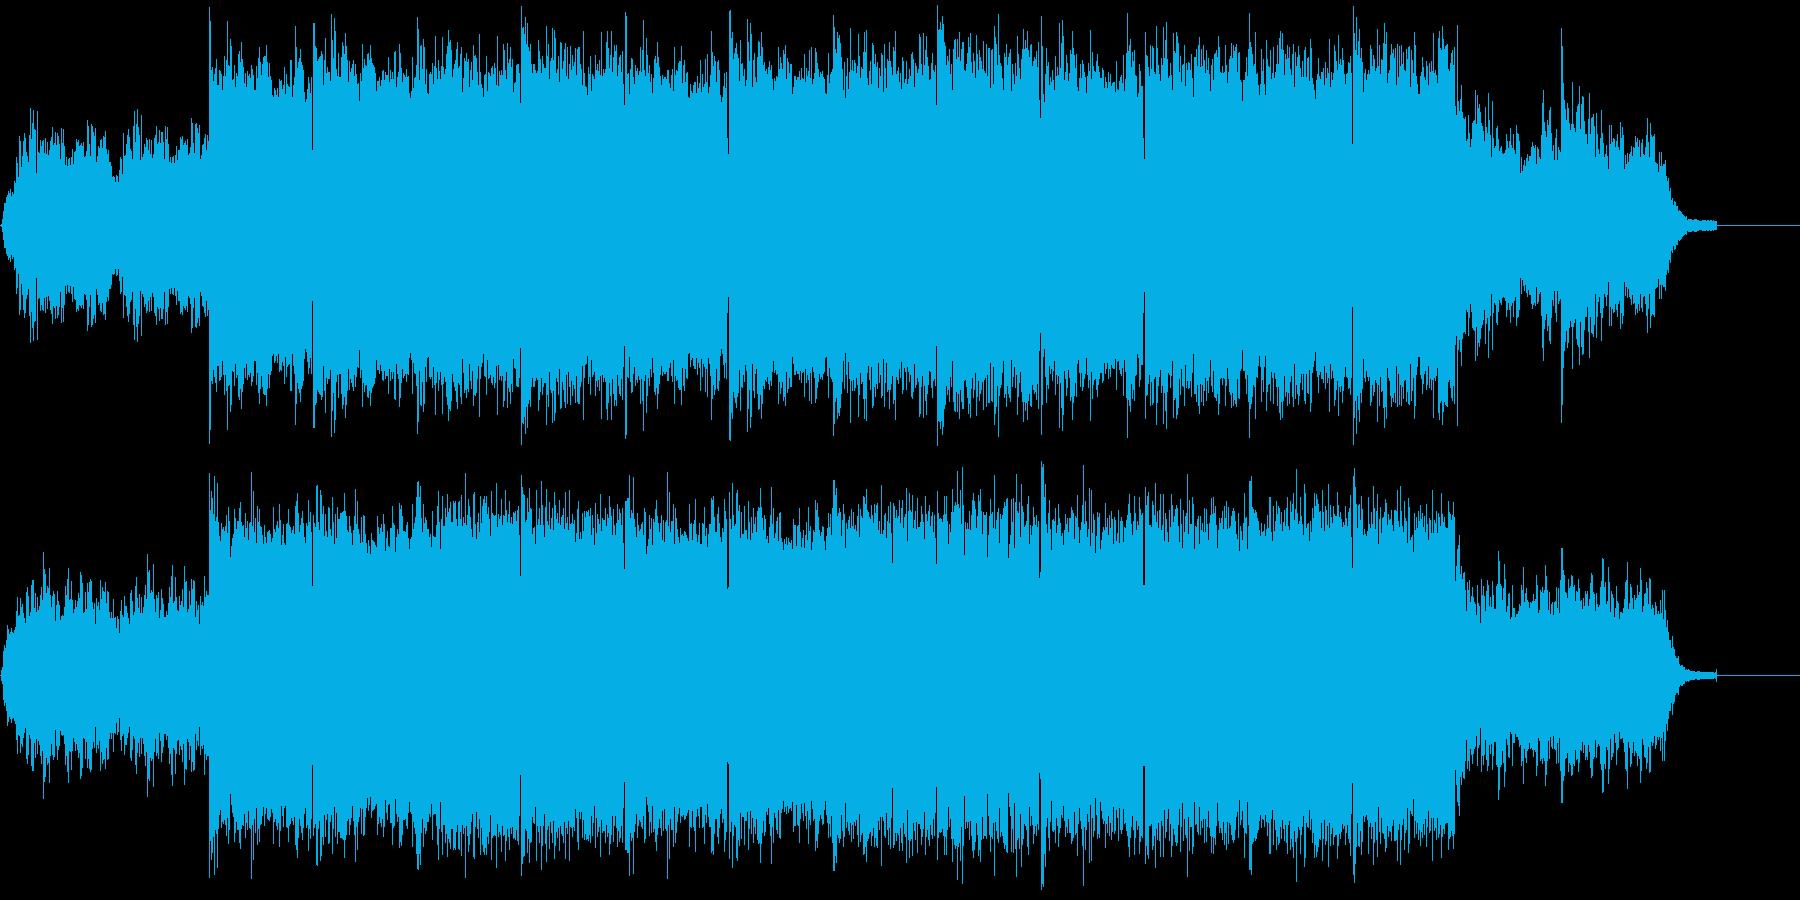 魔王の城をイメージした不気味で怖いBGMの再生済みの波形